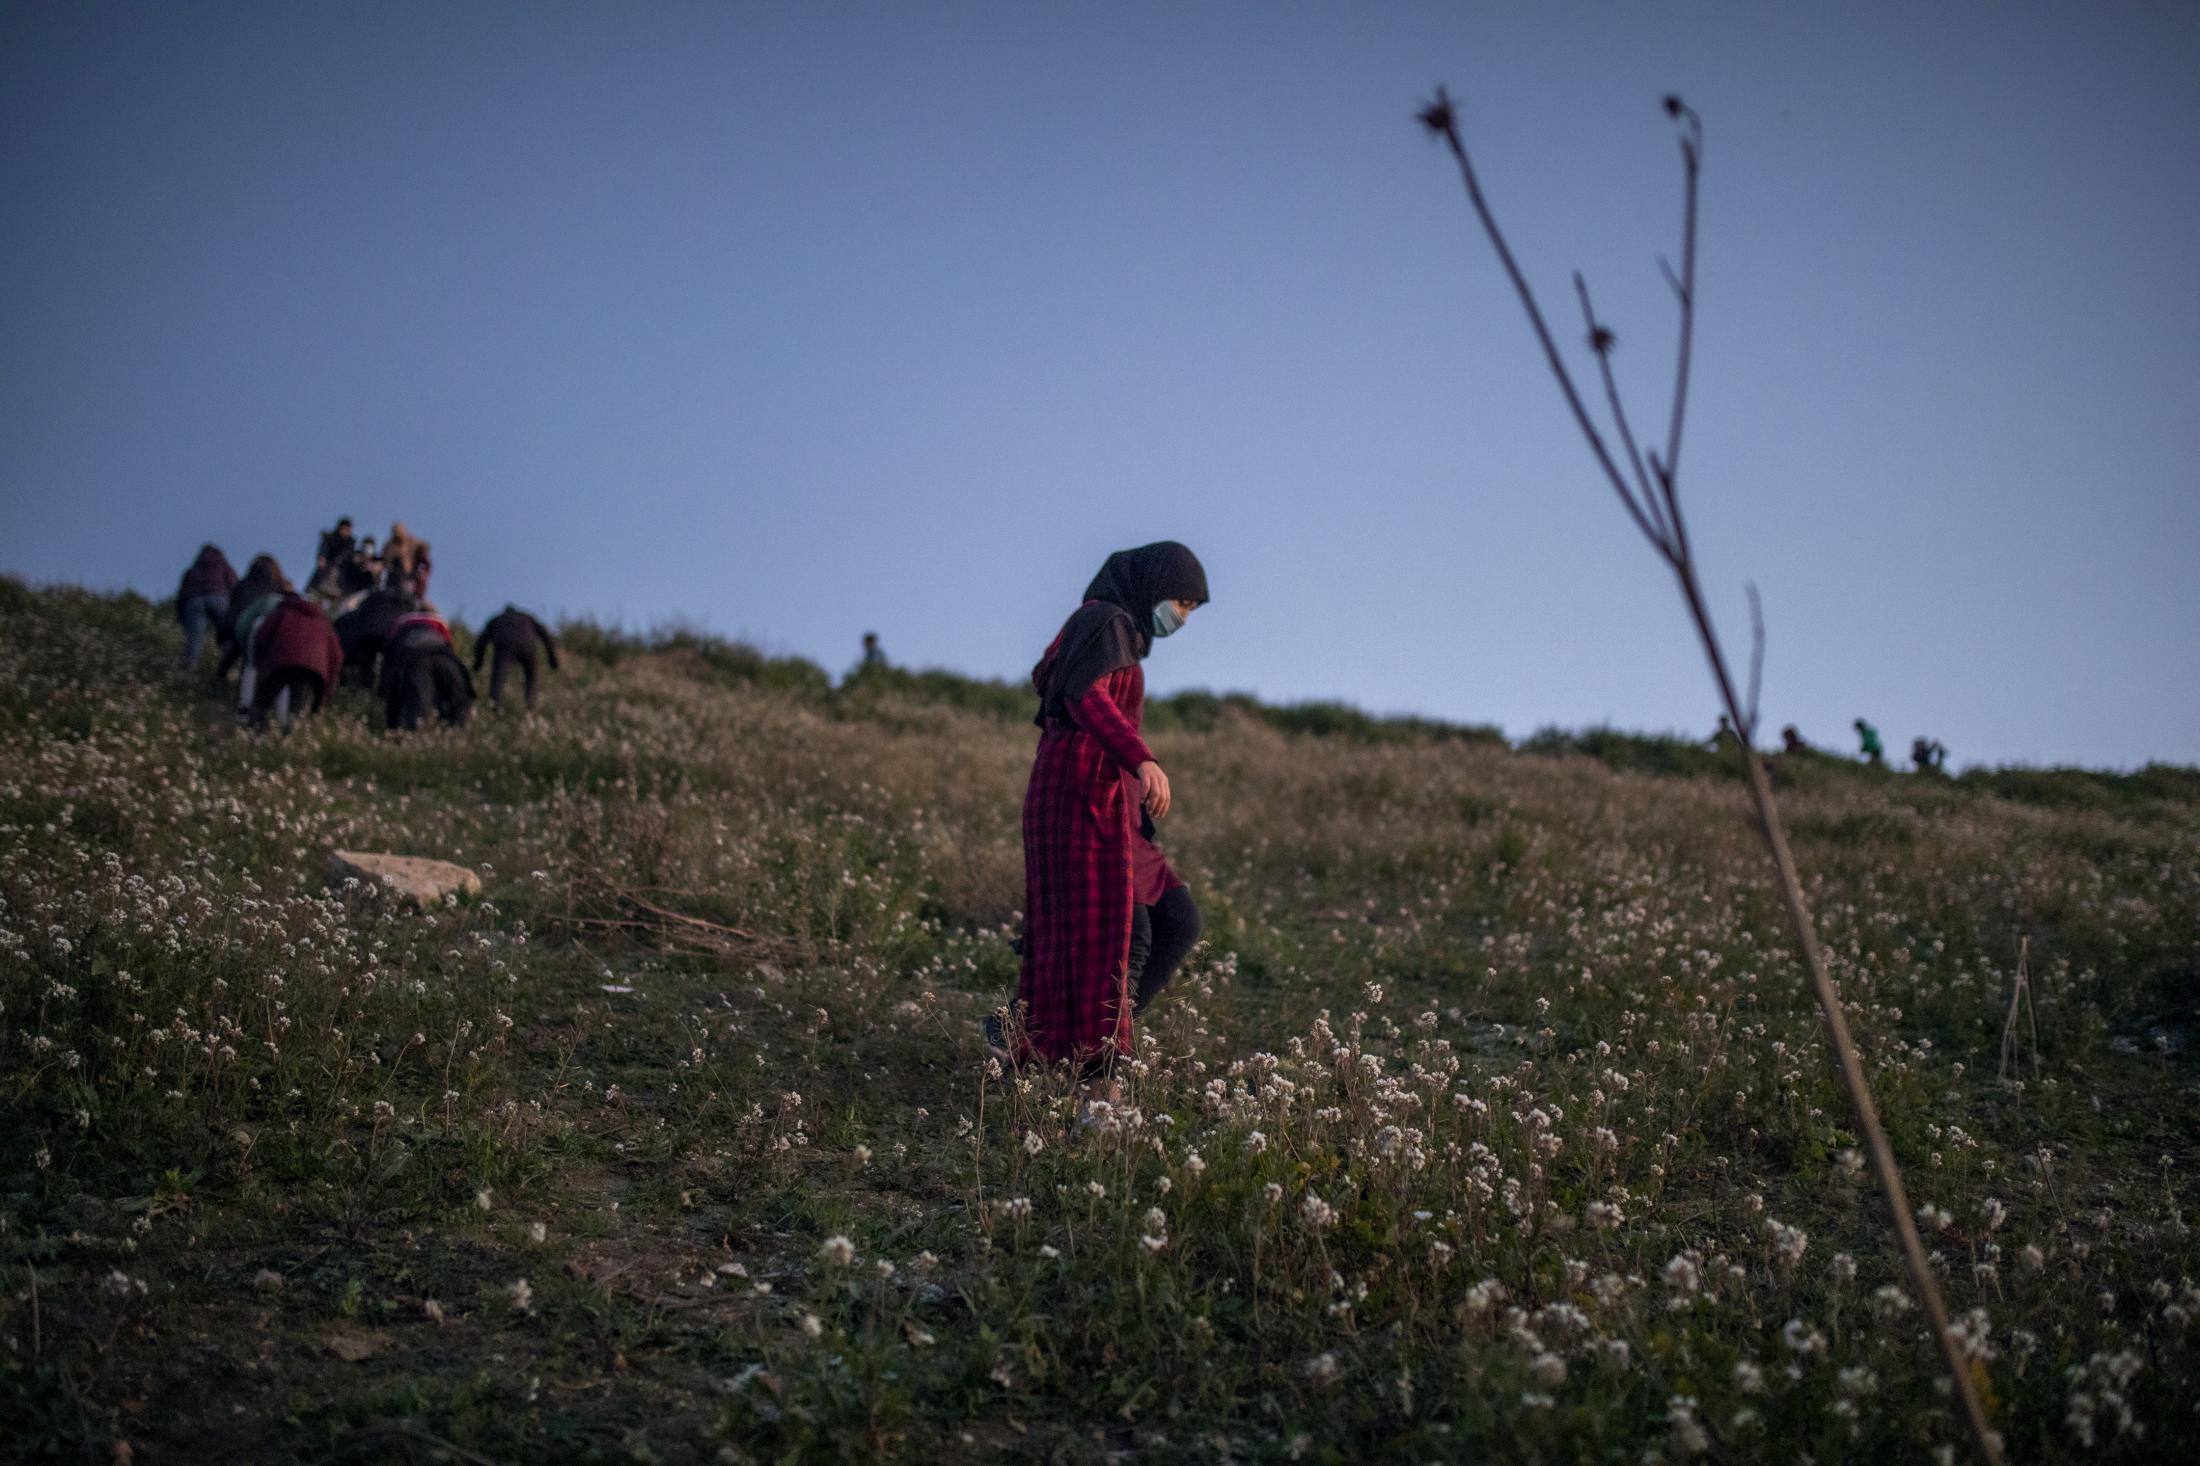 Una mujer intenta subir la colina de la mano de su hijo para poder ver las vistas desde lo alto en el Sector VI de la Cañada Real